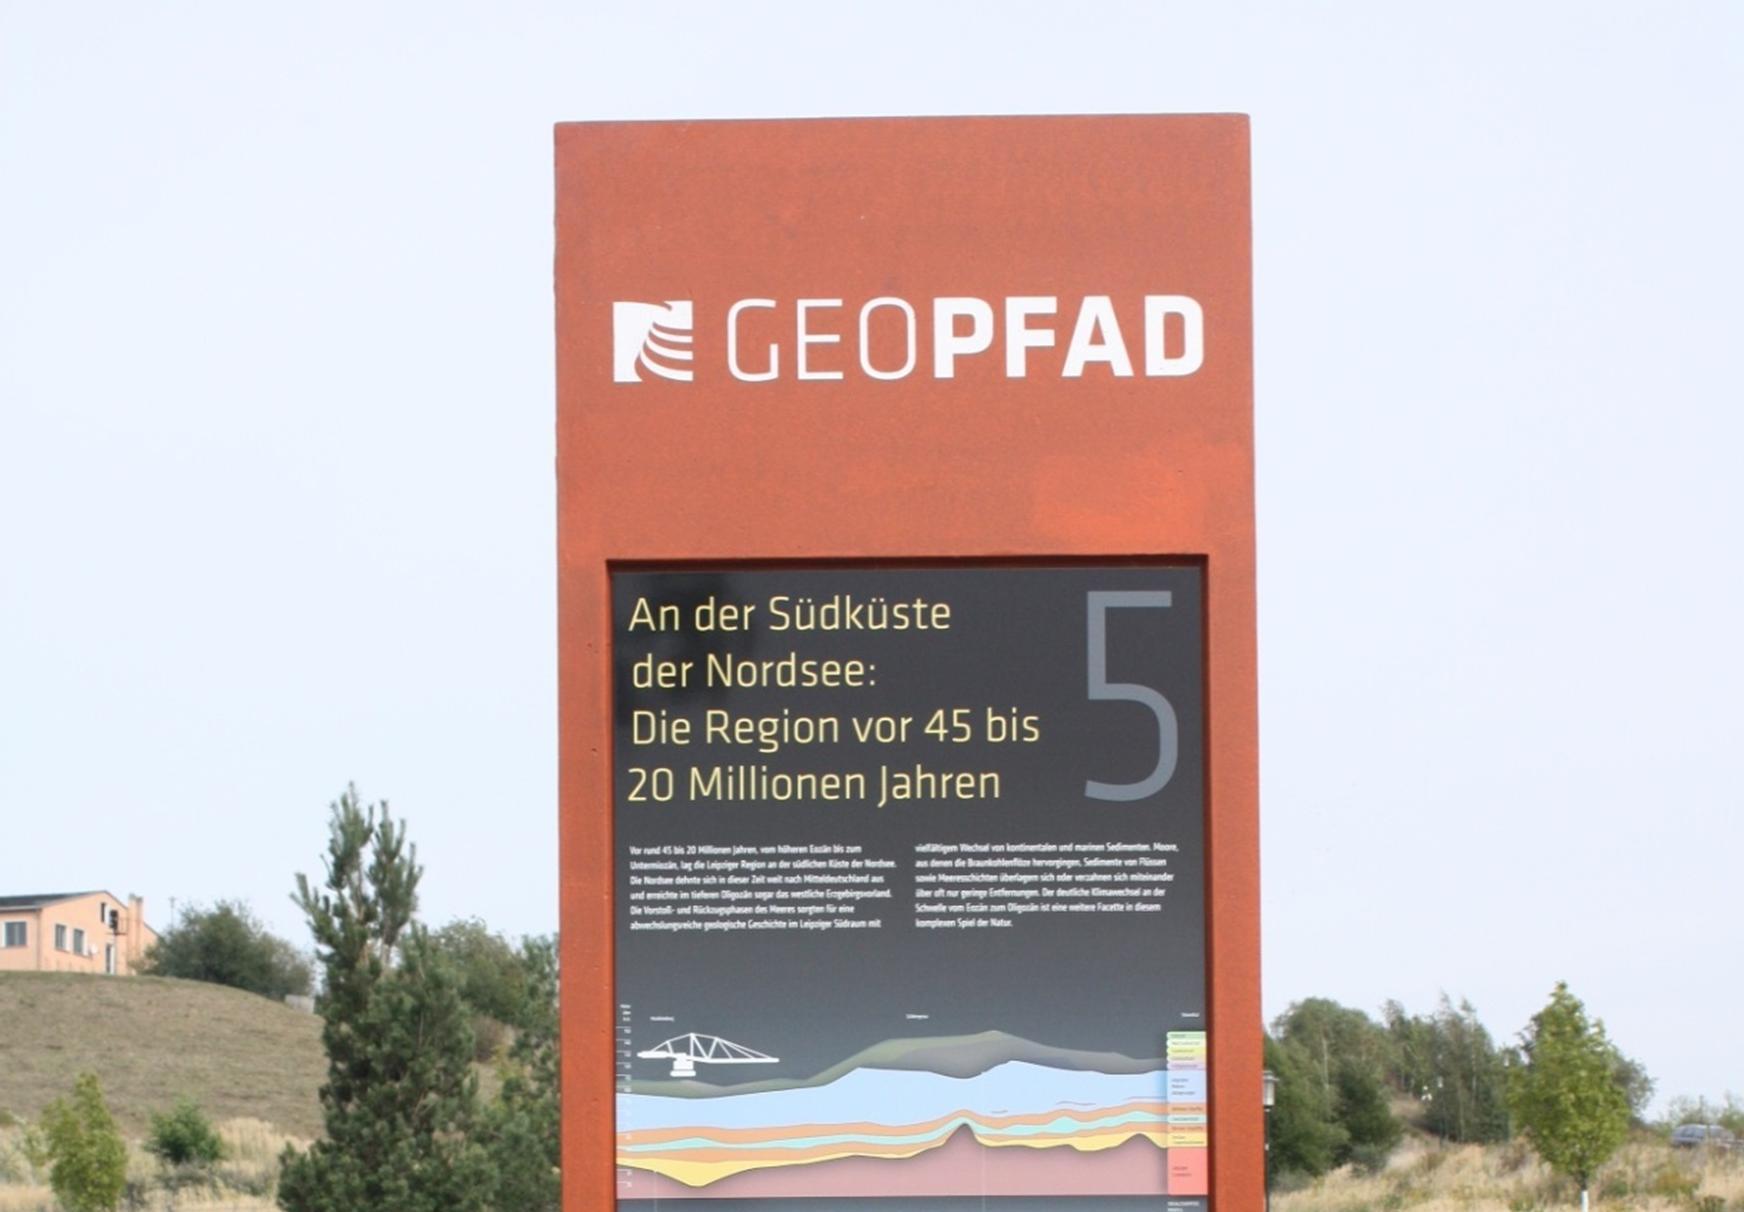 Exkursion auf dem Geopfad